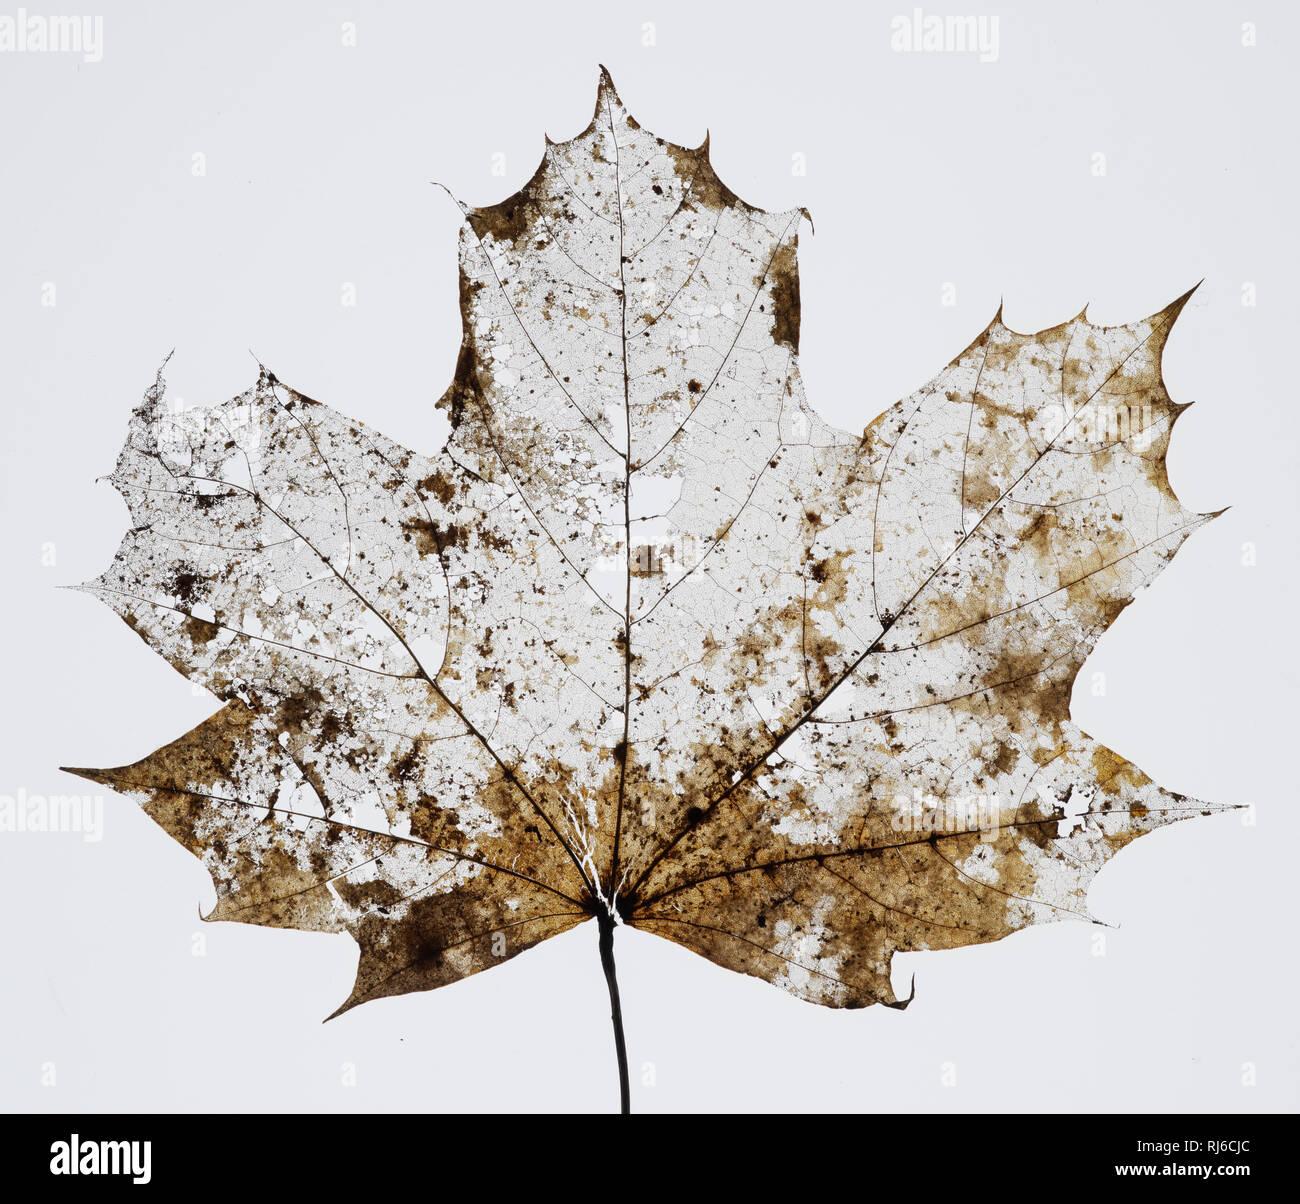 Vertrocknetes Ahornblatt mit Löchern und Ausrissen vor weißem Hintergrund Stockbild